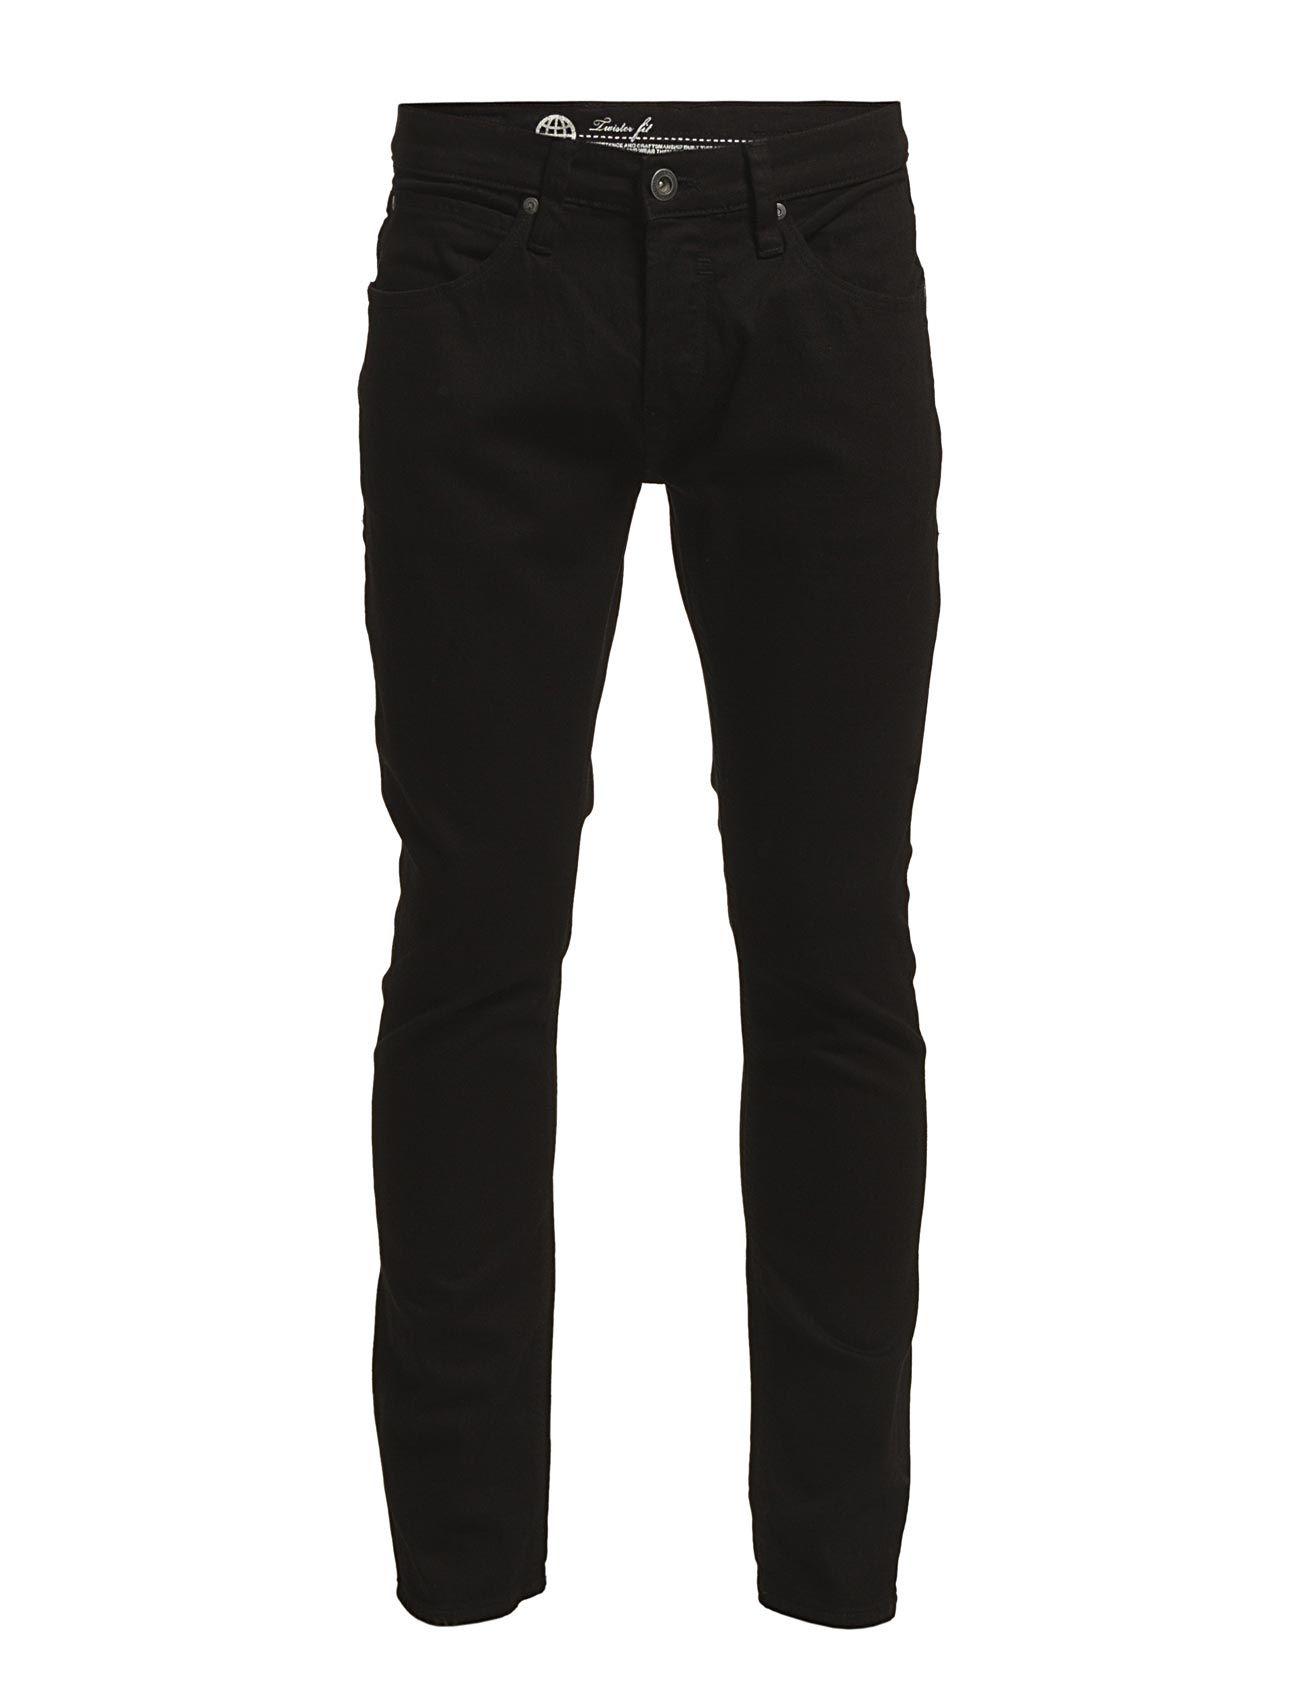 Jeans - Noos Twister Fit Blend Almindelig til Mænd i Sort